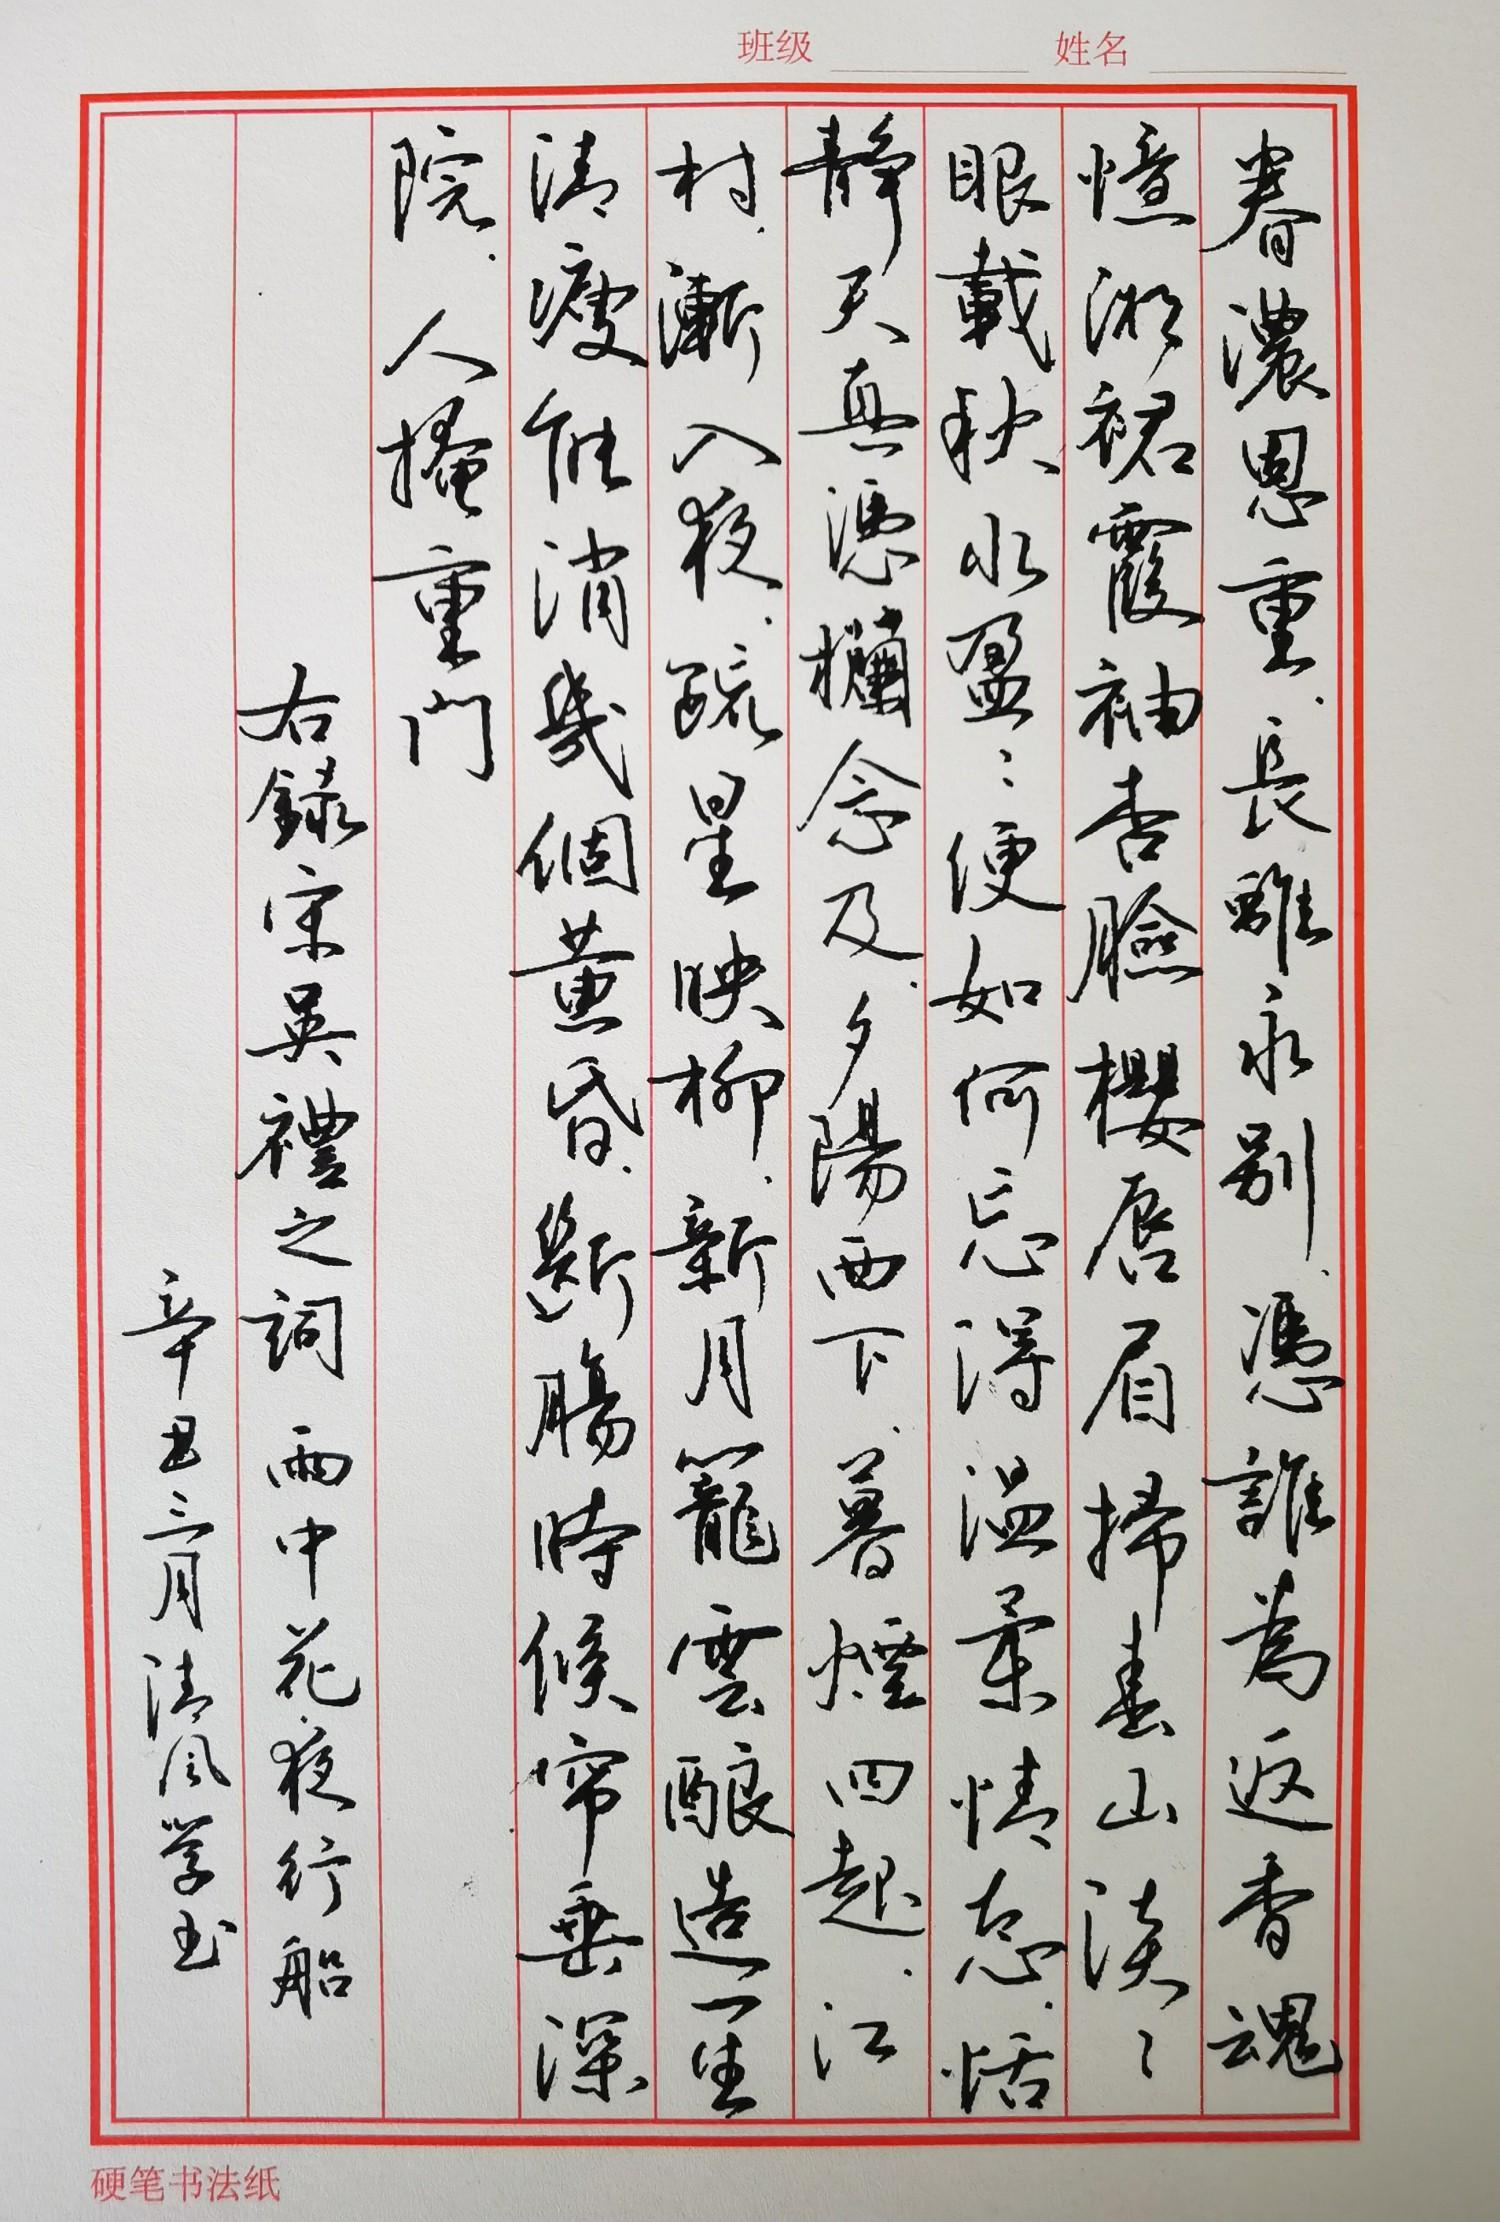 钢笔书法练字打卡20210518-26